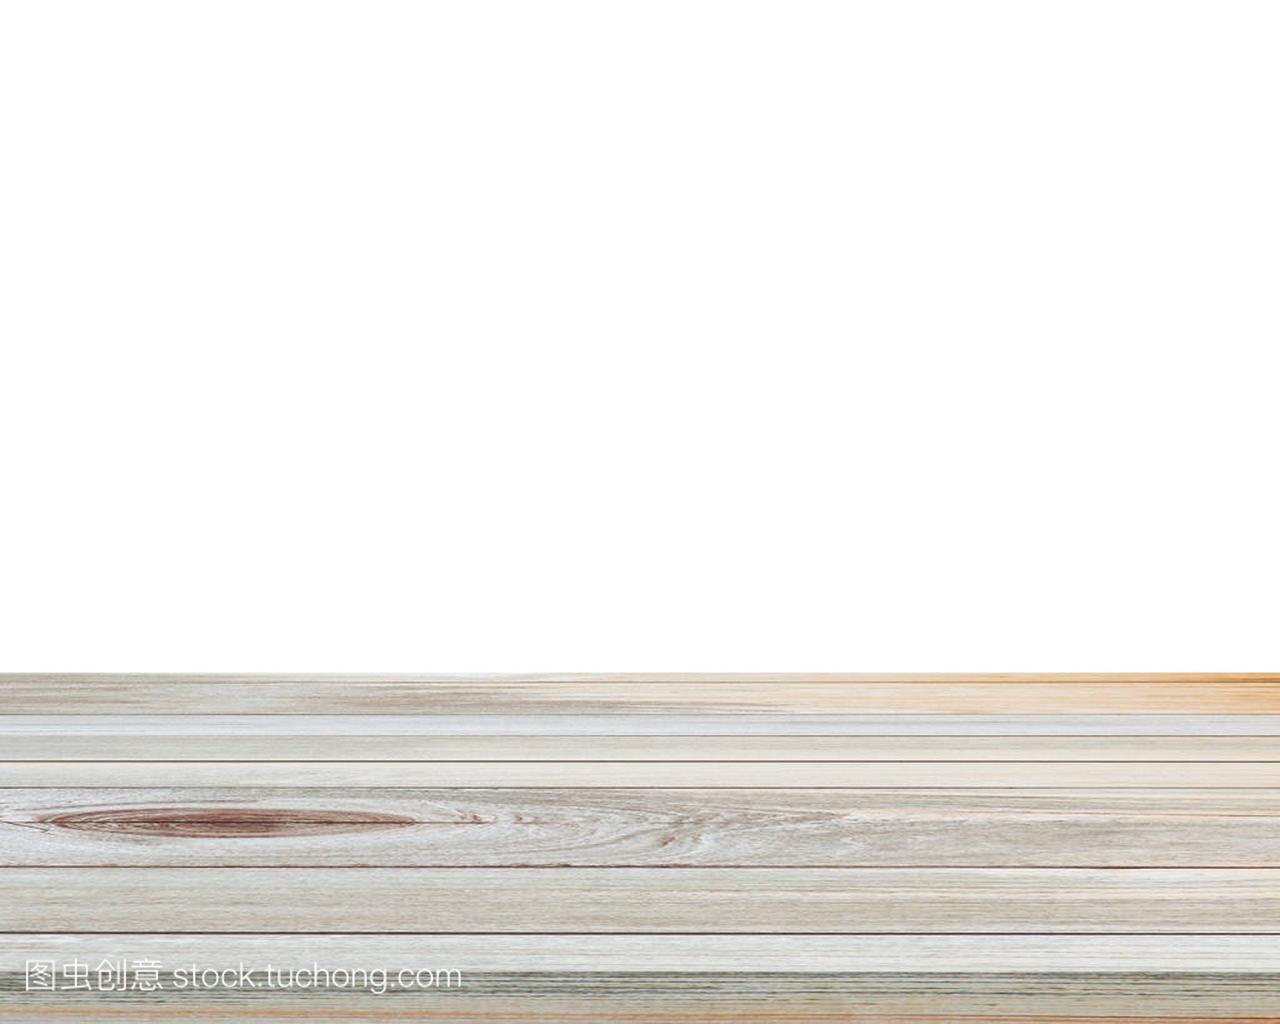 空木桌上孤立的产品为背景白色上显示蒙太奇无痕渐v背景短发图片